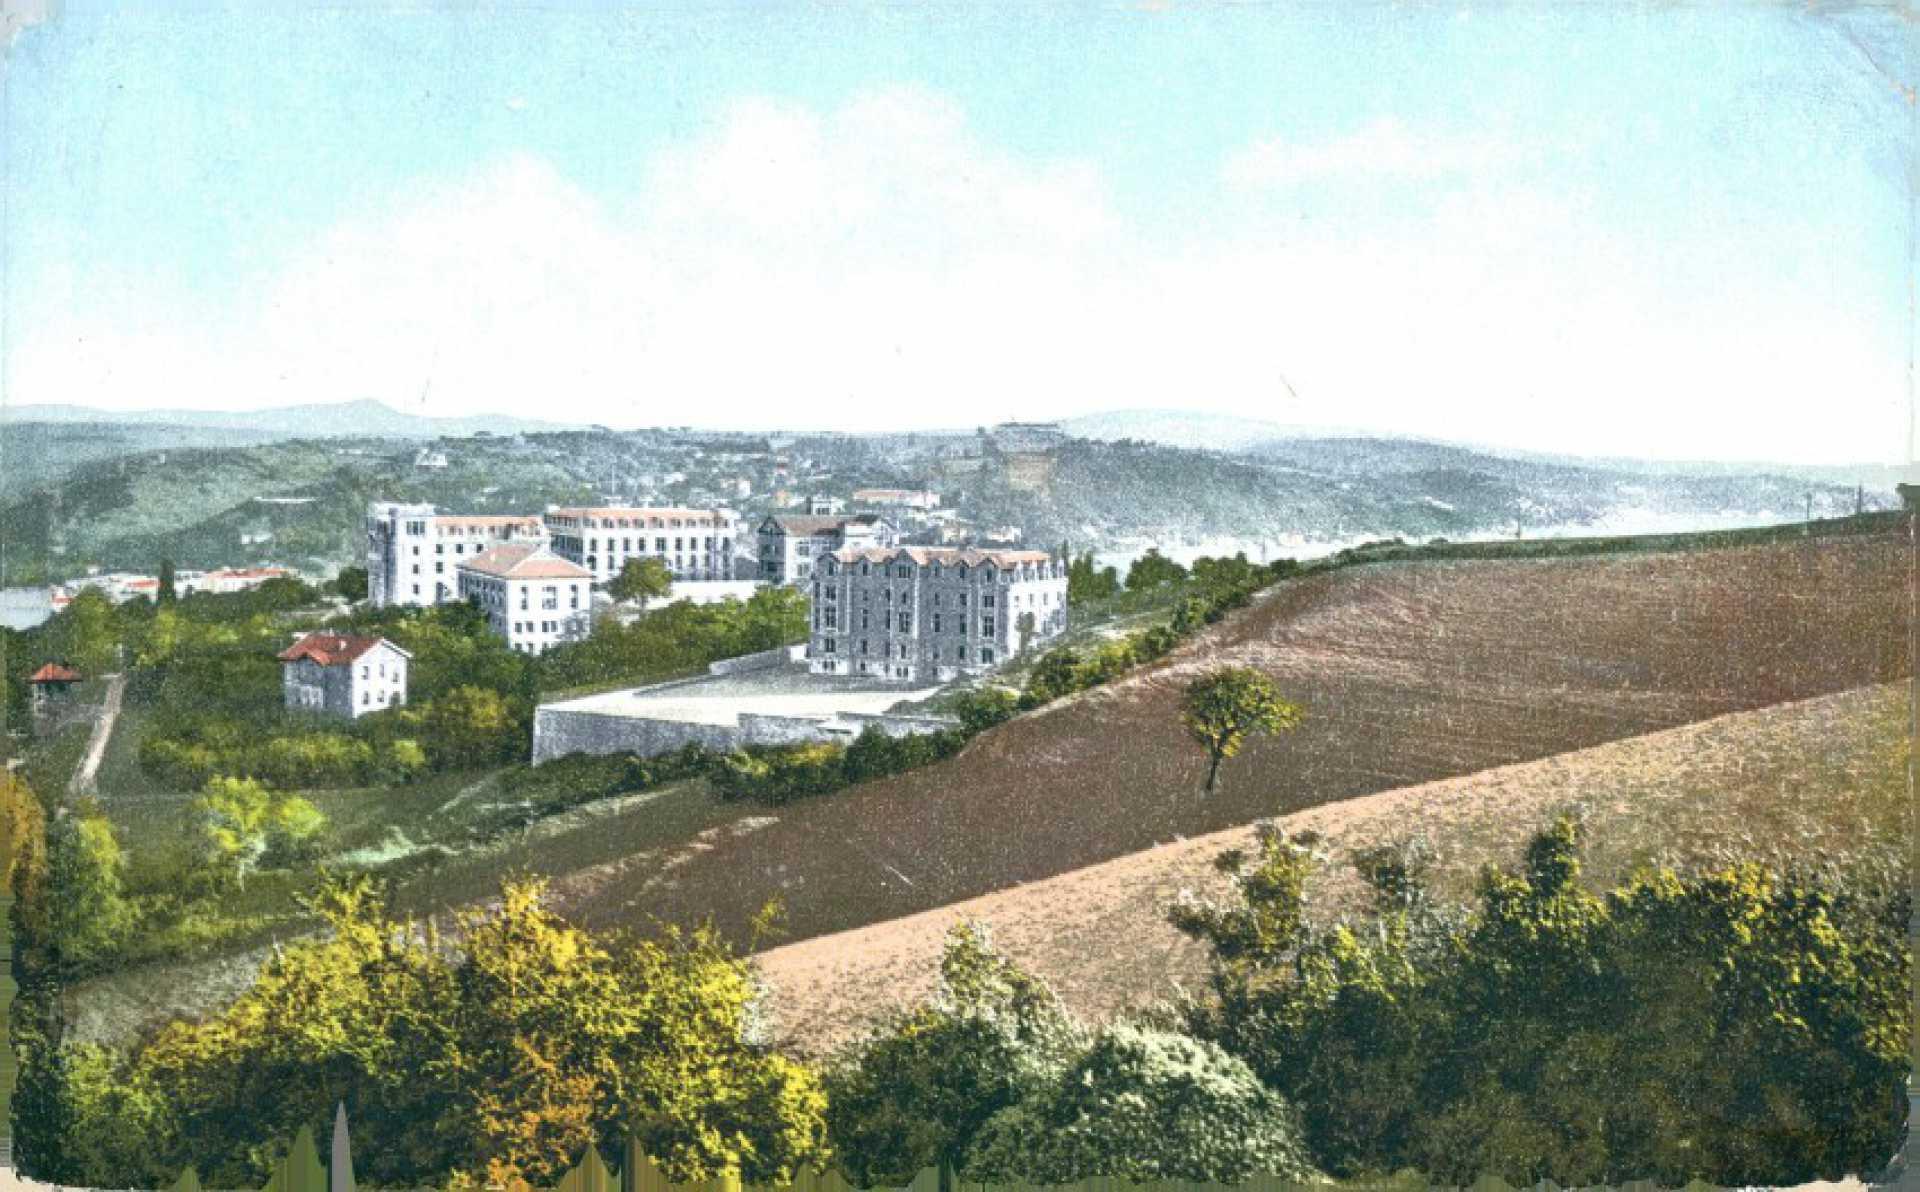 Robert's College